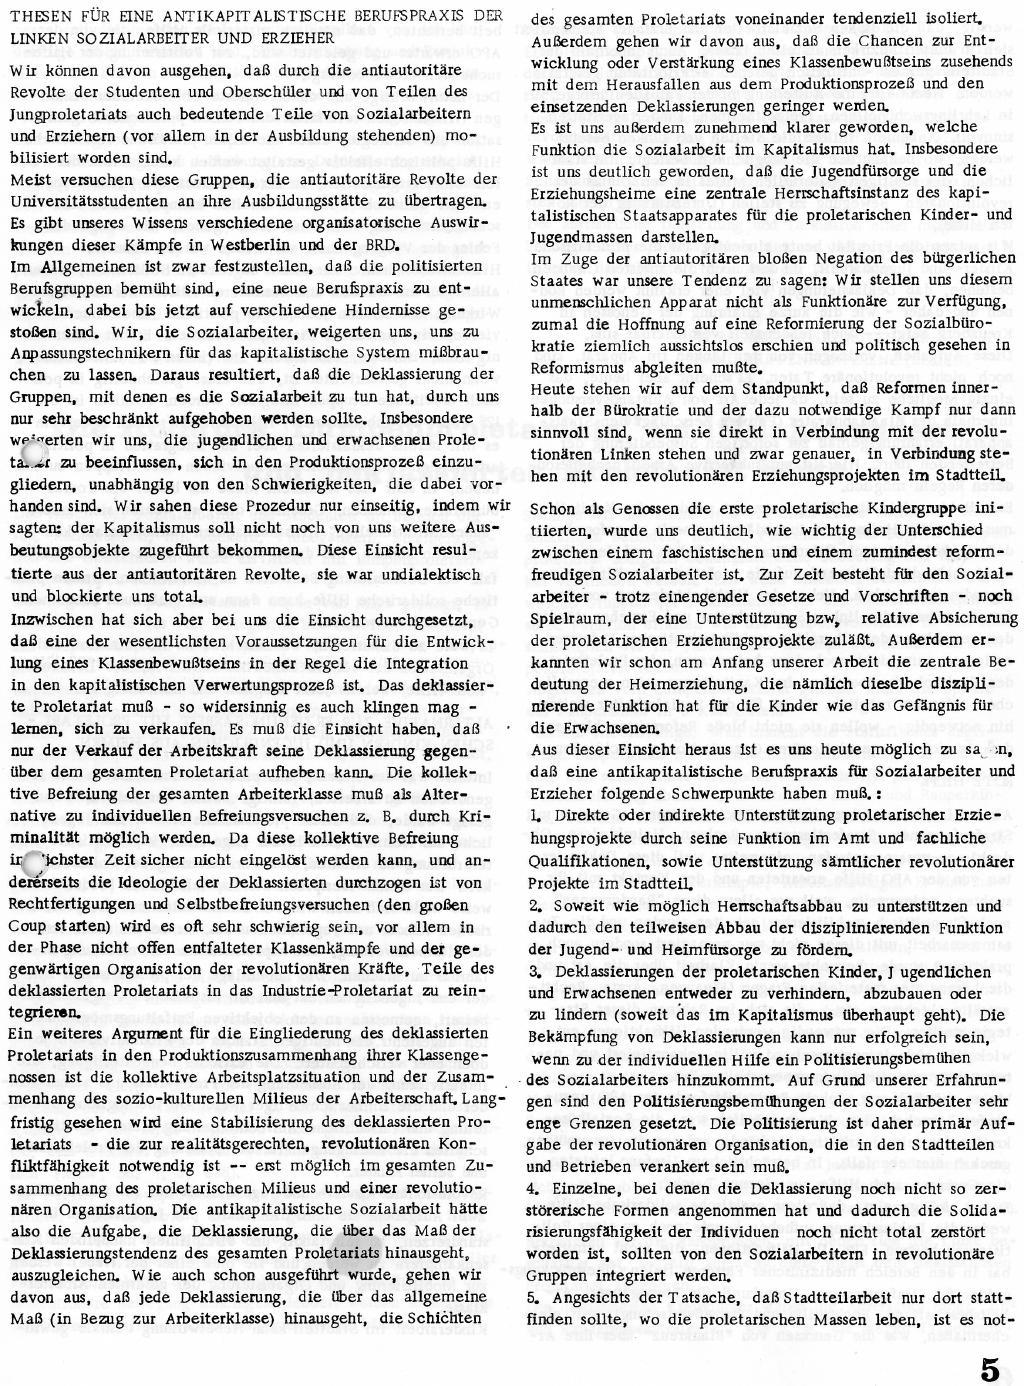 RPK_1970_054_05